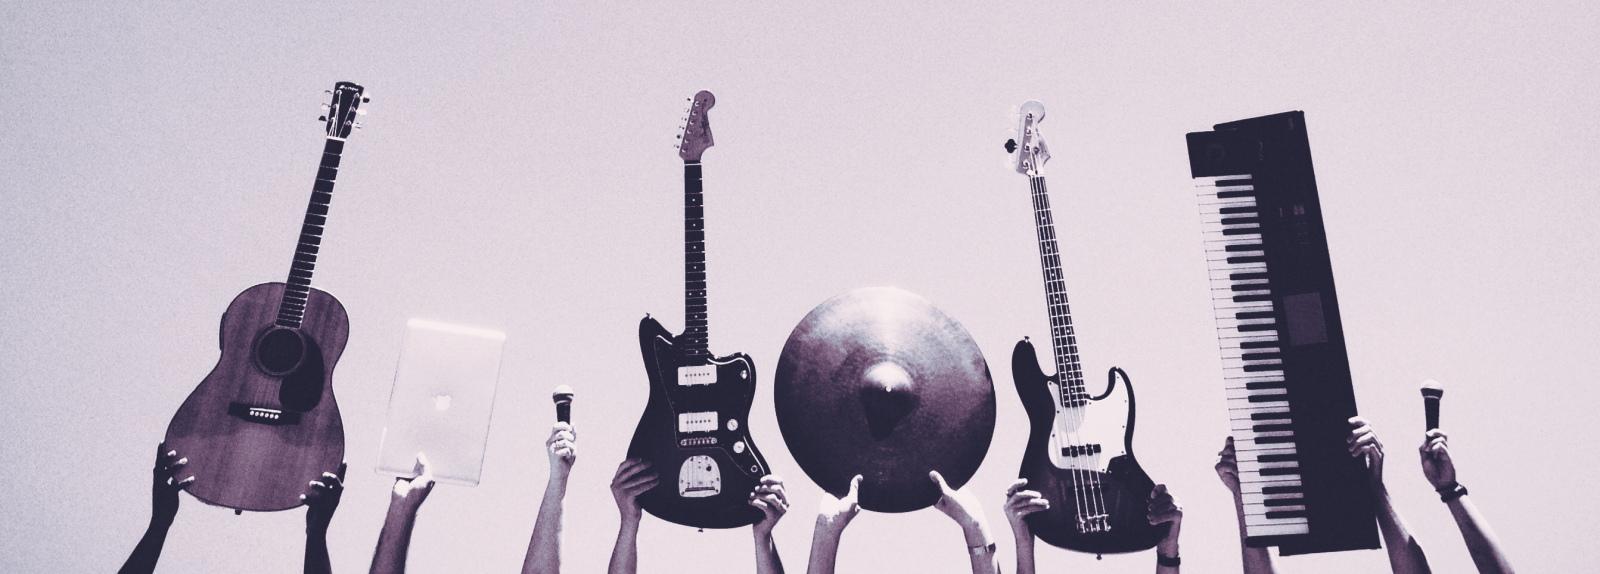 Музыкальные инструменты в руках